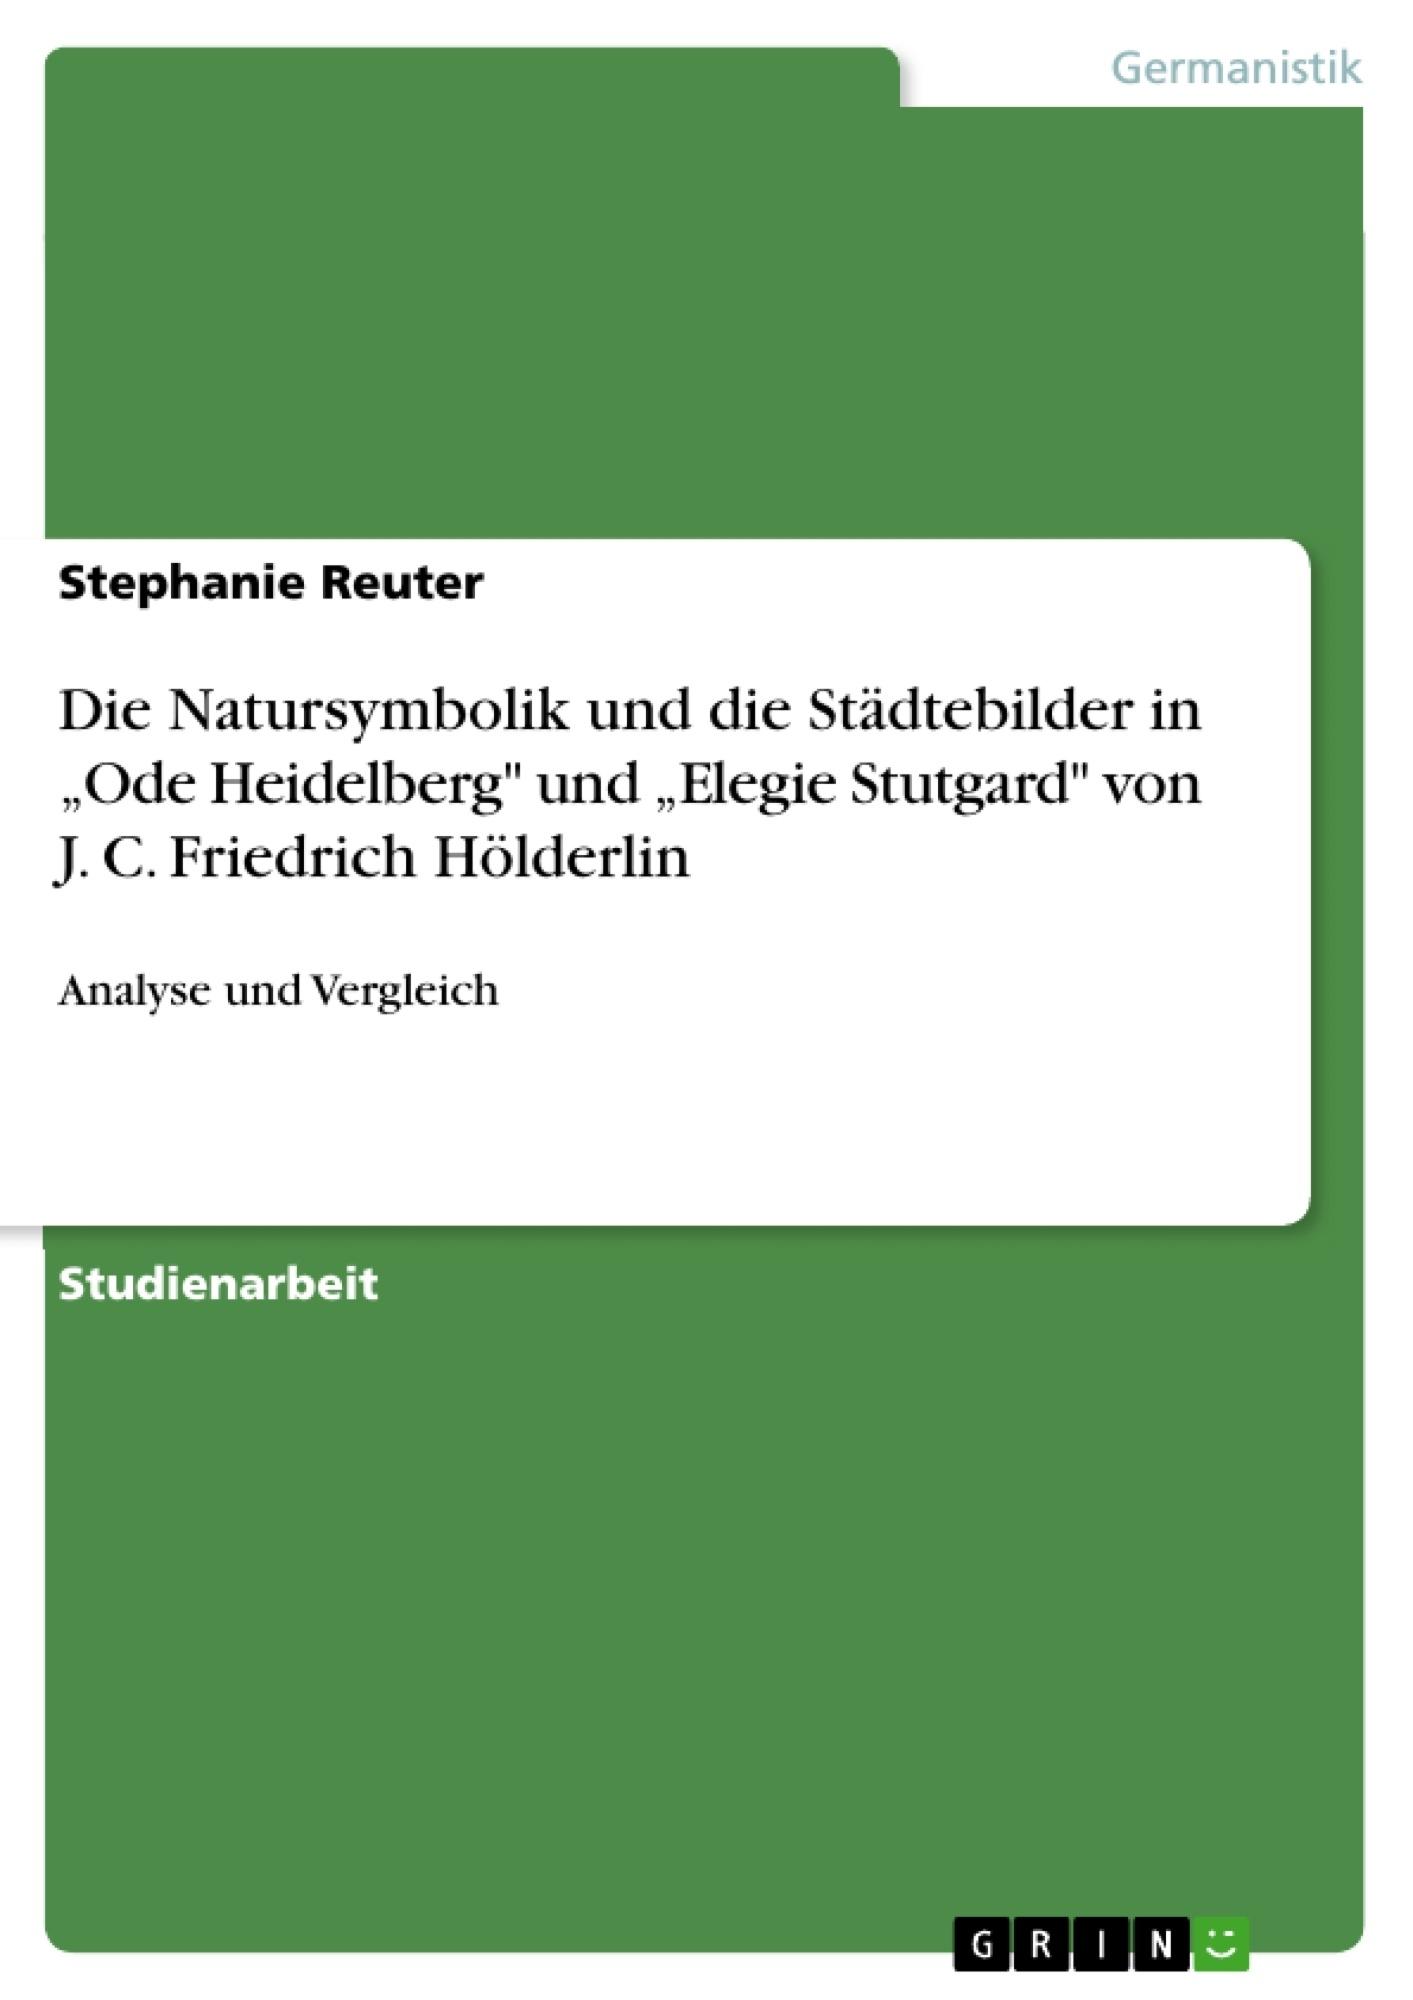 """Titel: Die Natursymbolik und die Städtebilder in """"Ode Heidelberg"""" und """"Elegie Stutgard"""" von J. C. Friedrich Hölderlin"""